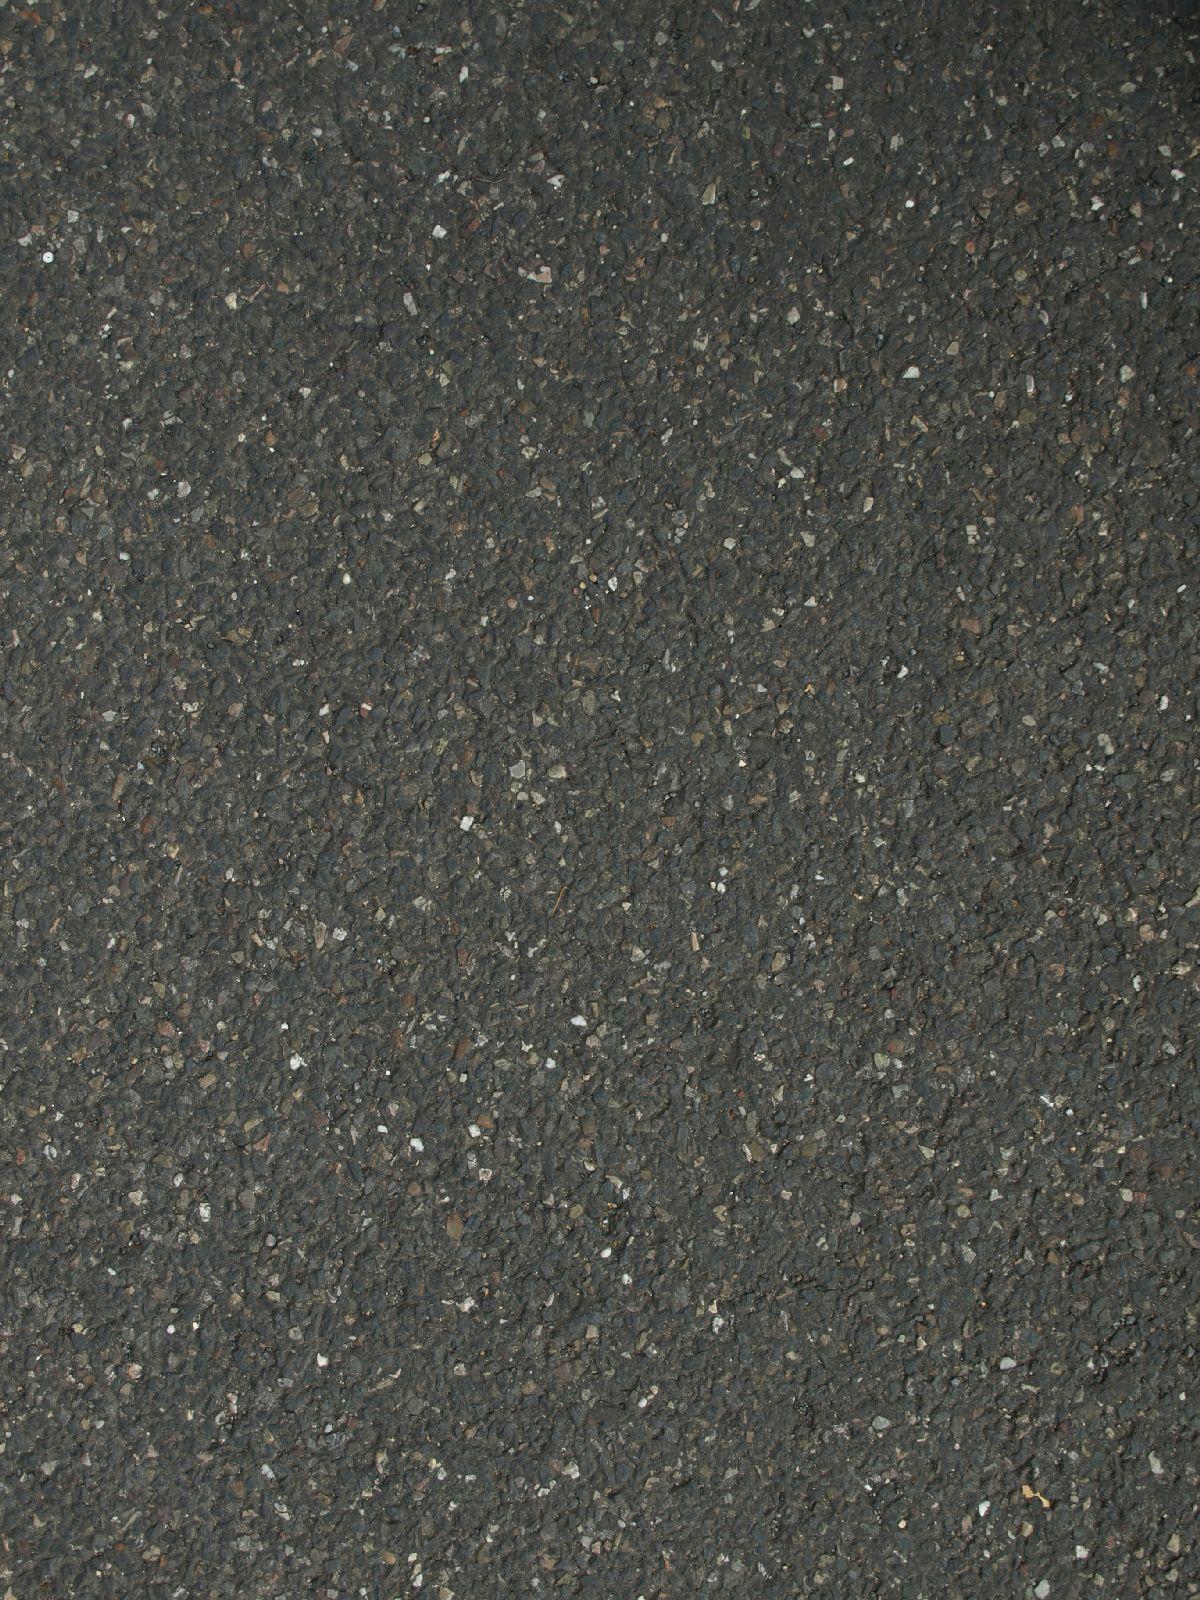 Ground-Urban_Texture_A_P8164385